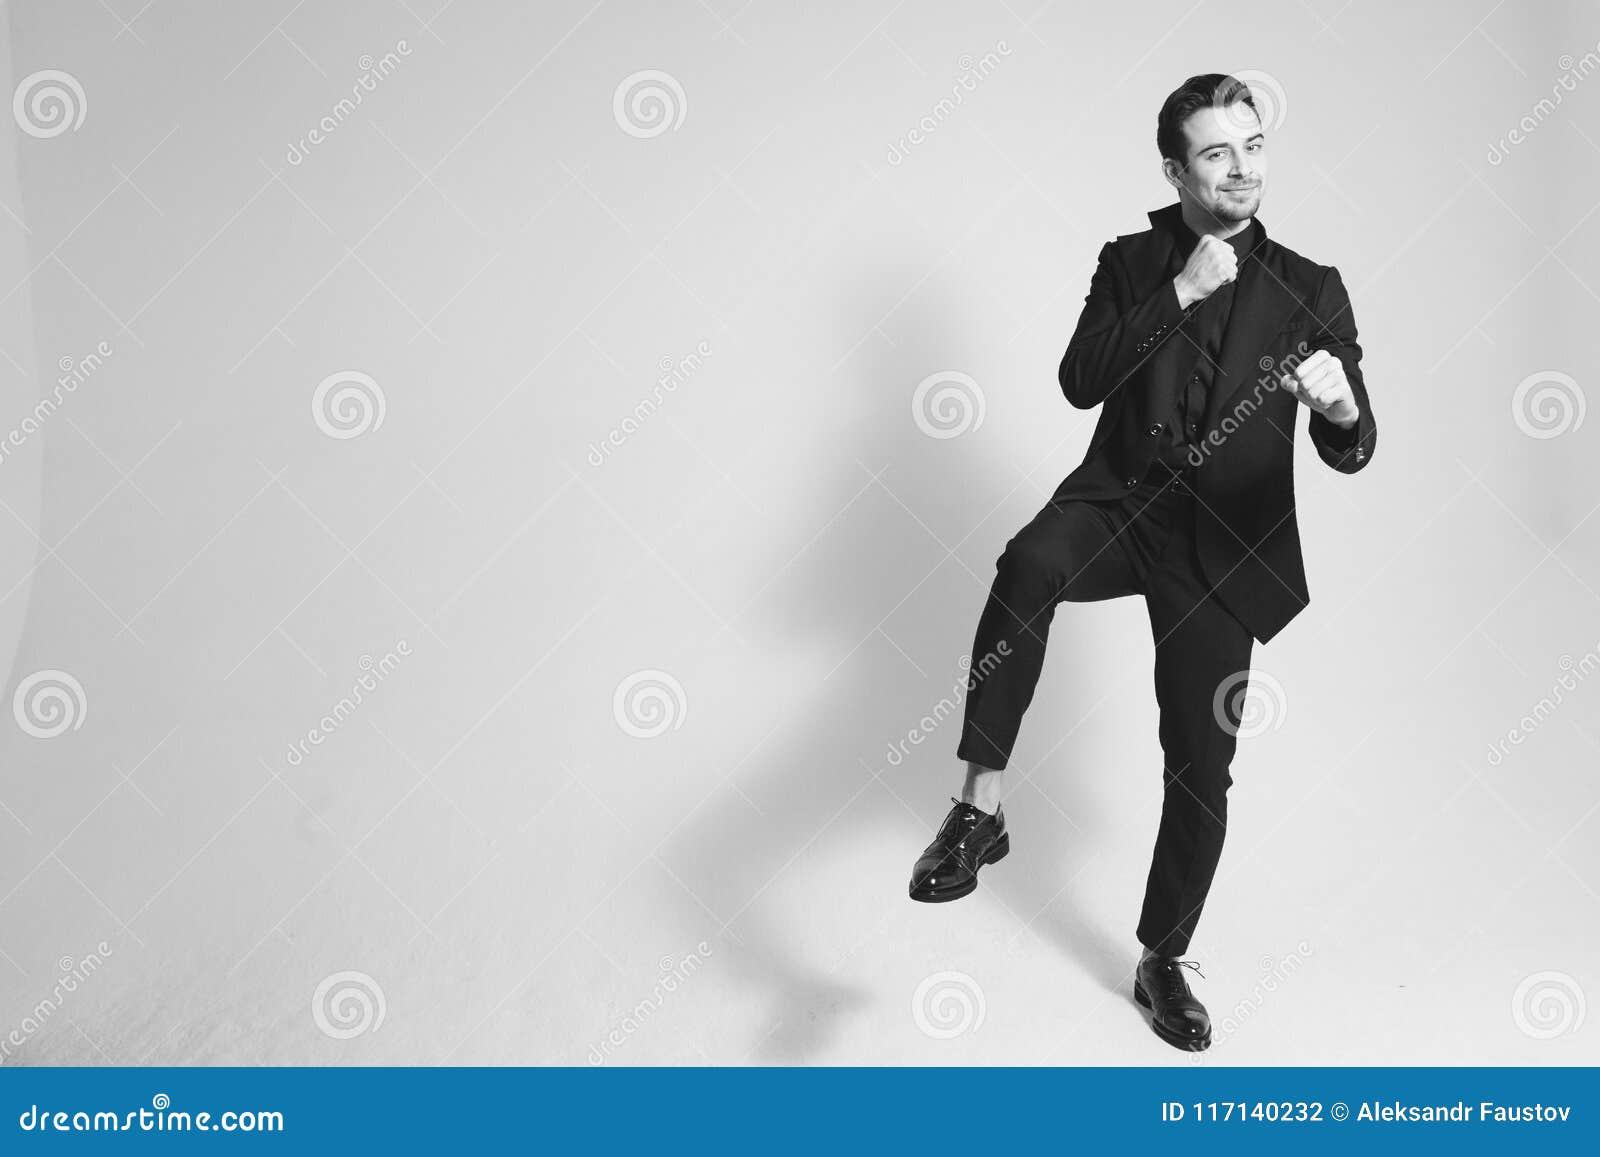 Портрет человека в черном костюме стоя на одной ноге